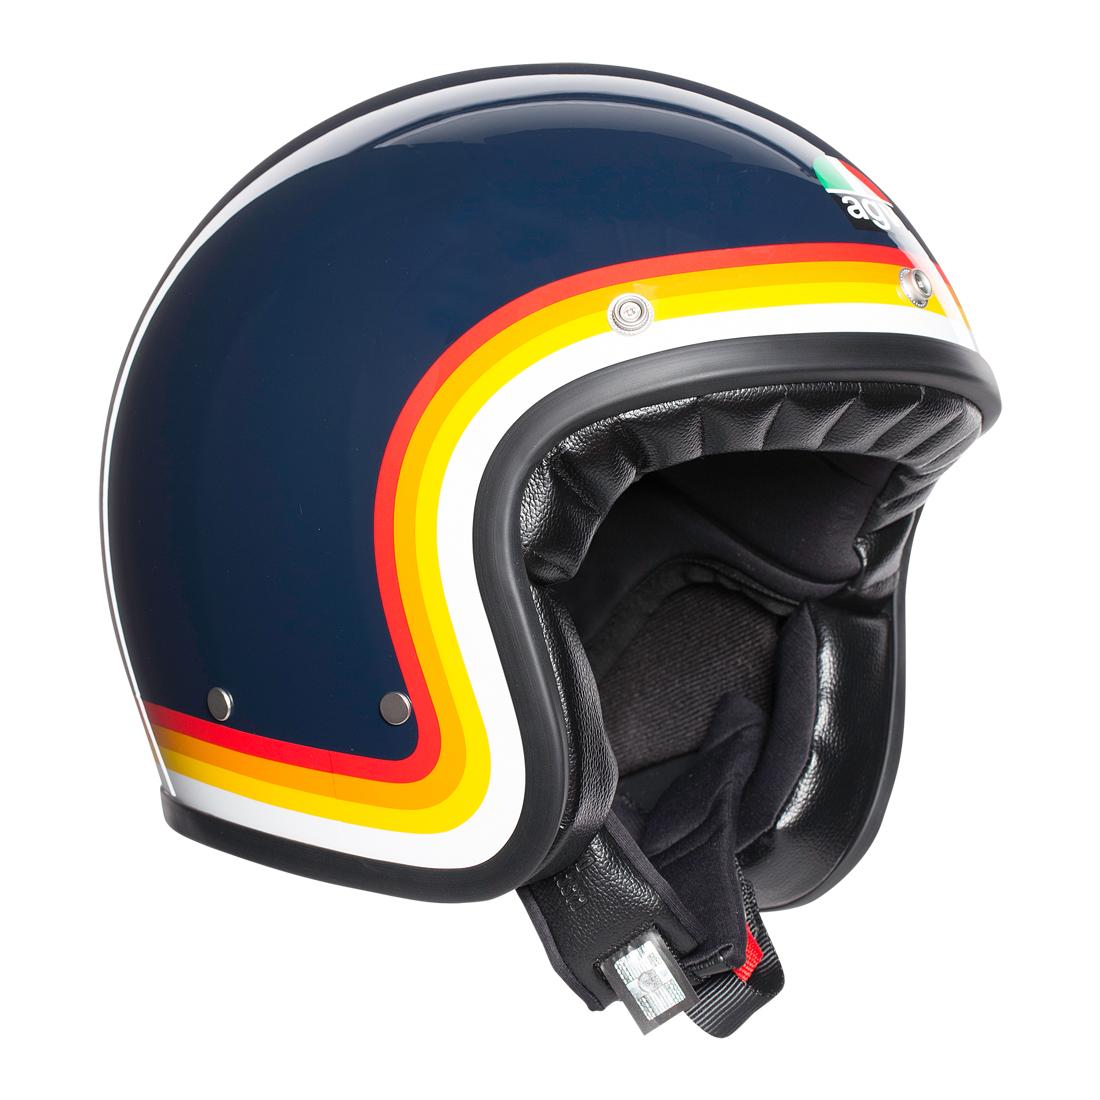 AGV ジェットヘルメット X70 009-RIVIERA BLUE/RAINBOW Lサイズ